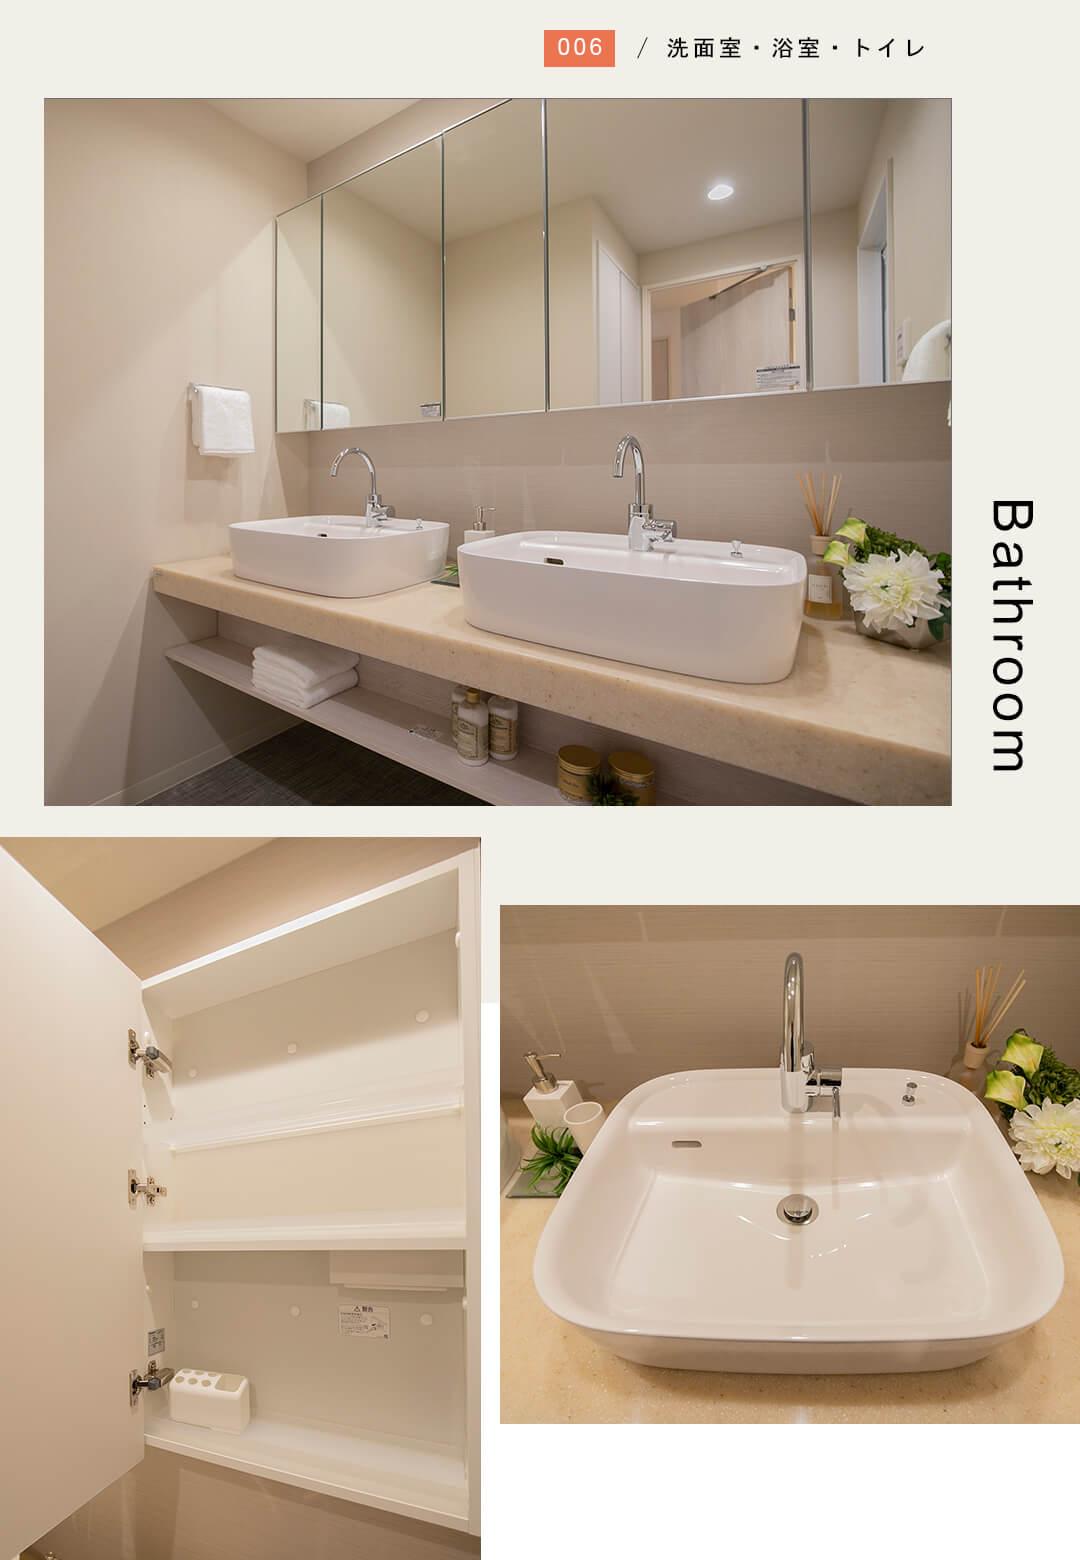 東京ツインパークレフトウイングの洗面室